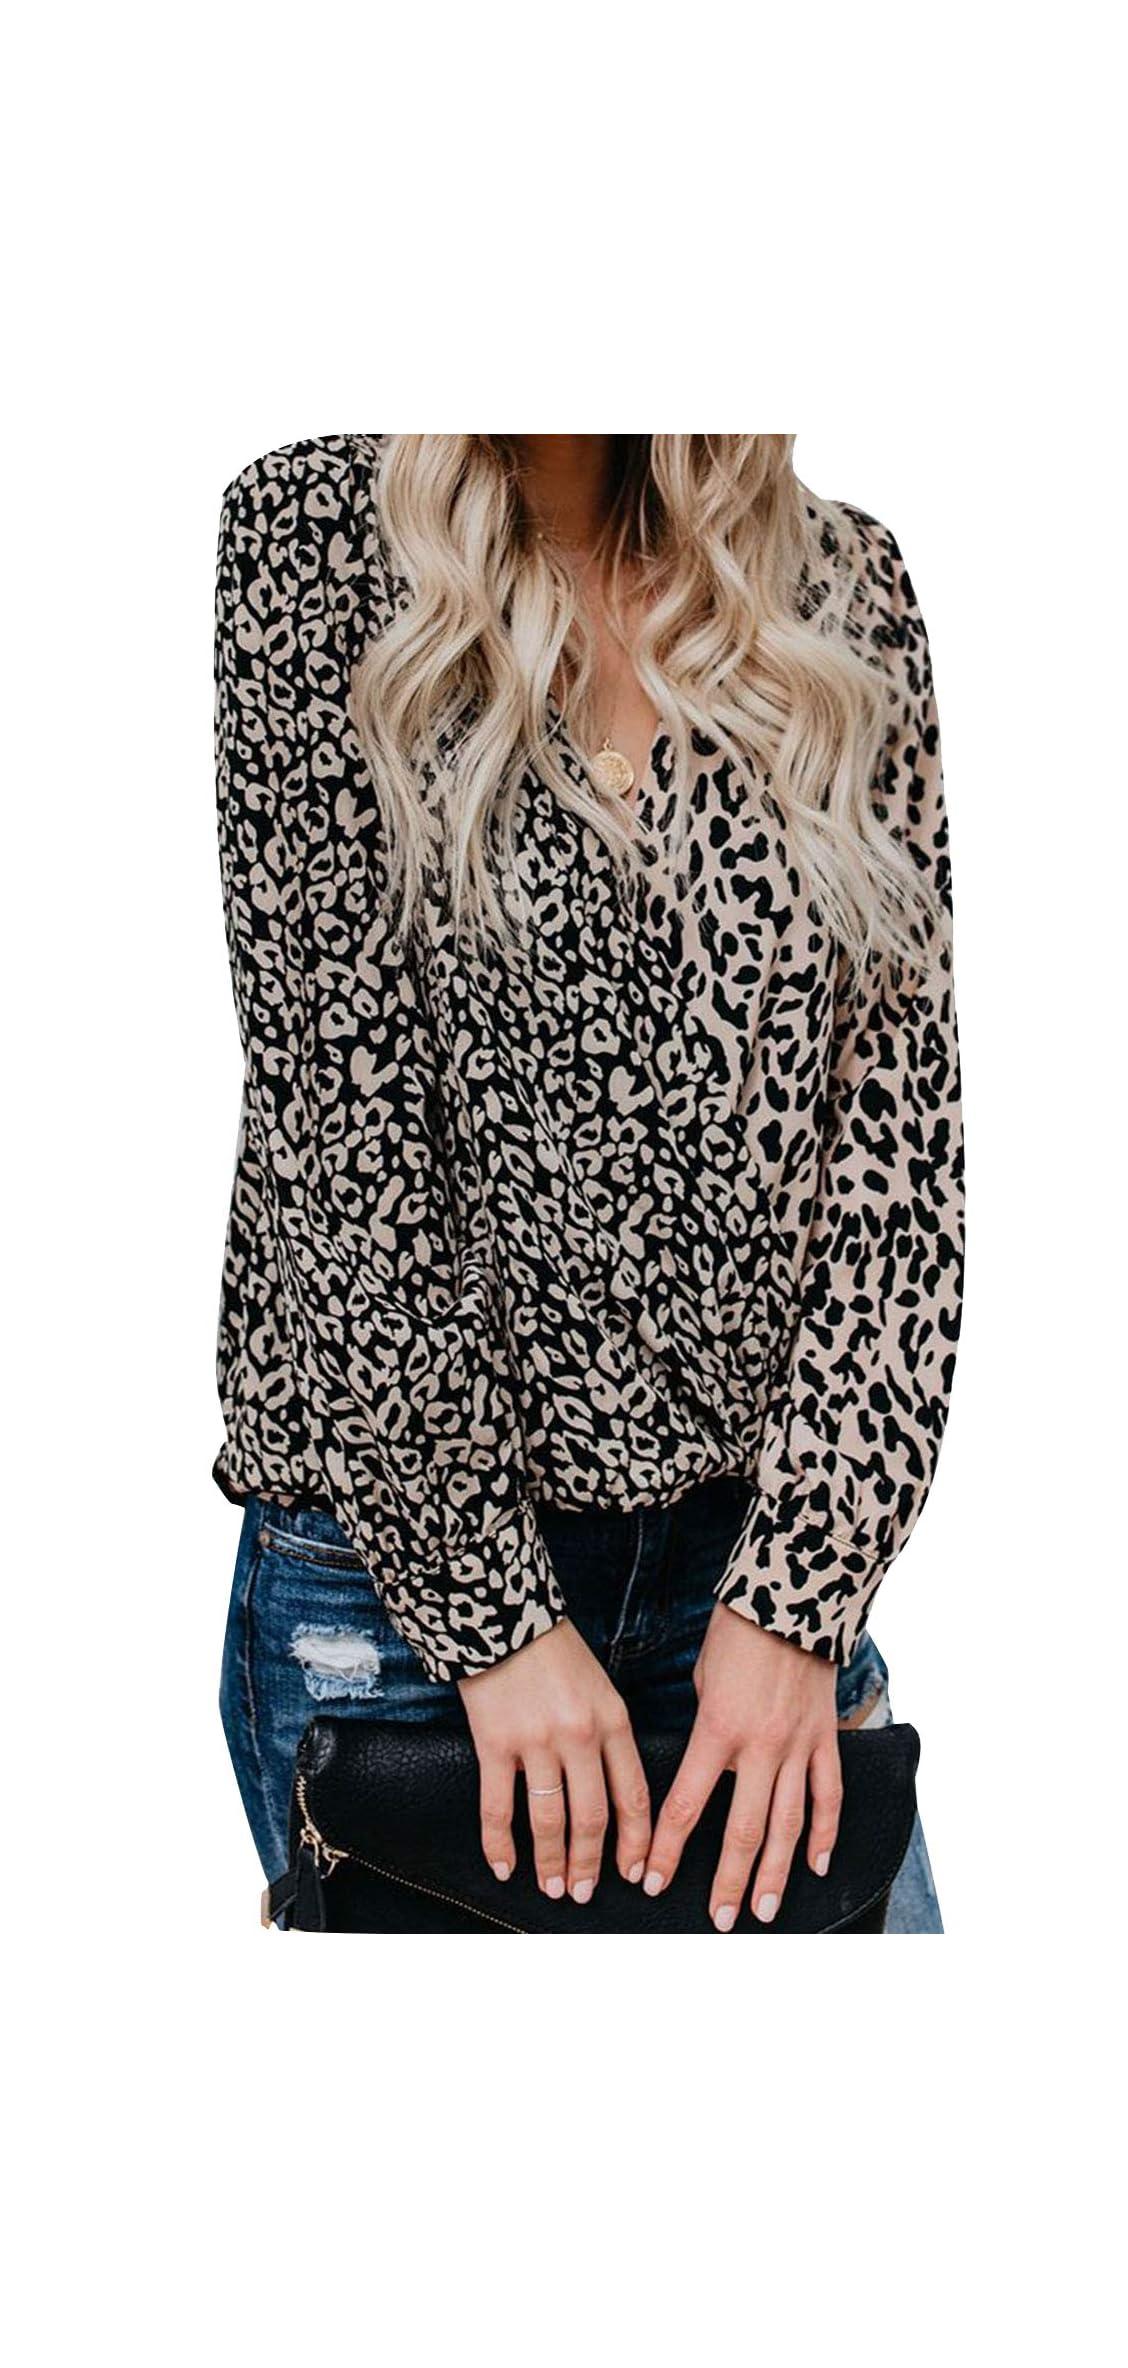 Women Casual Blouse Wrap V-neck Drape Twist Front Leopard